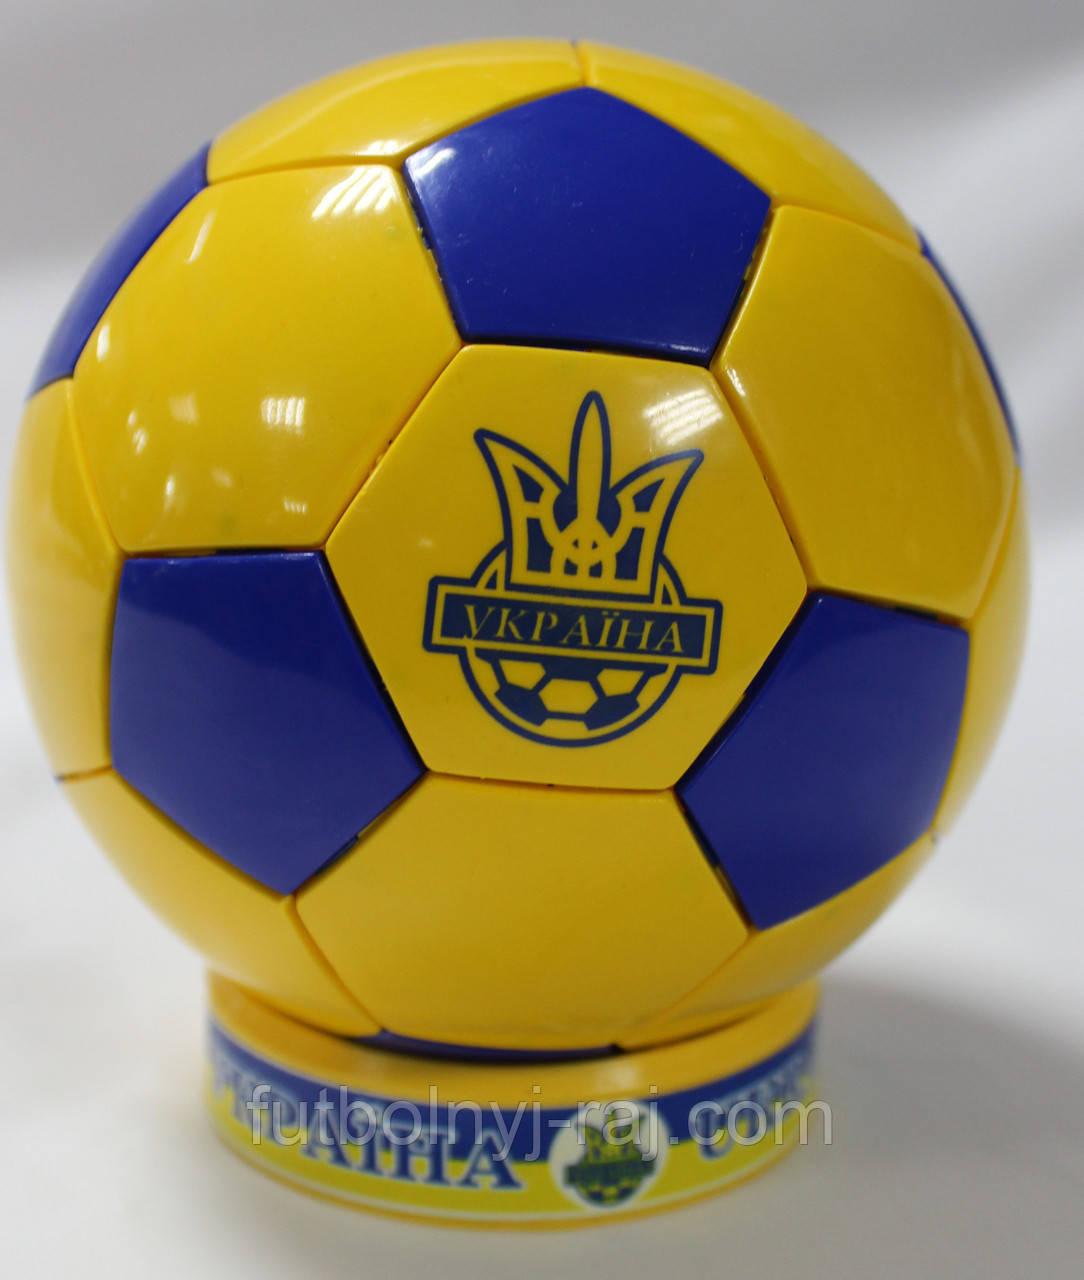 Сувенирный настольный футбольный мяч с символикой Сборной Украины